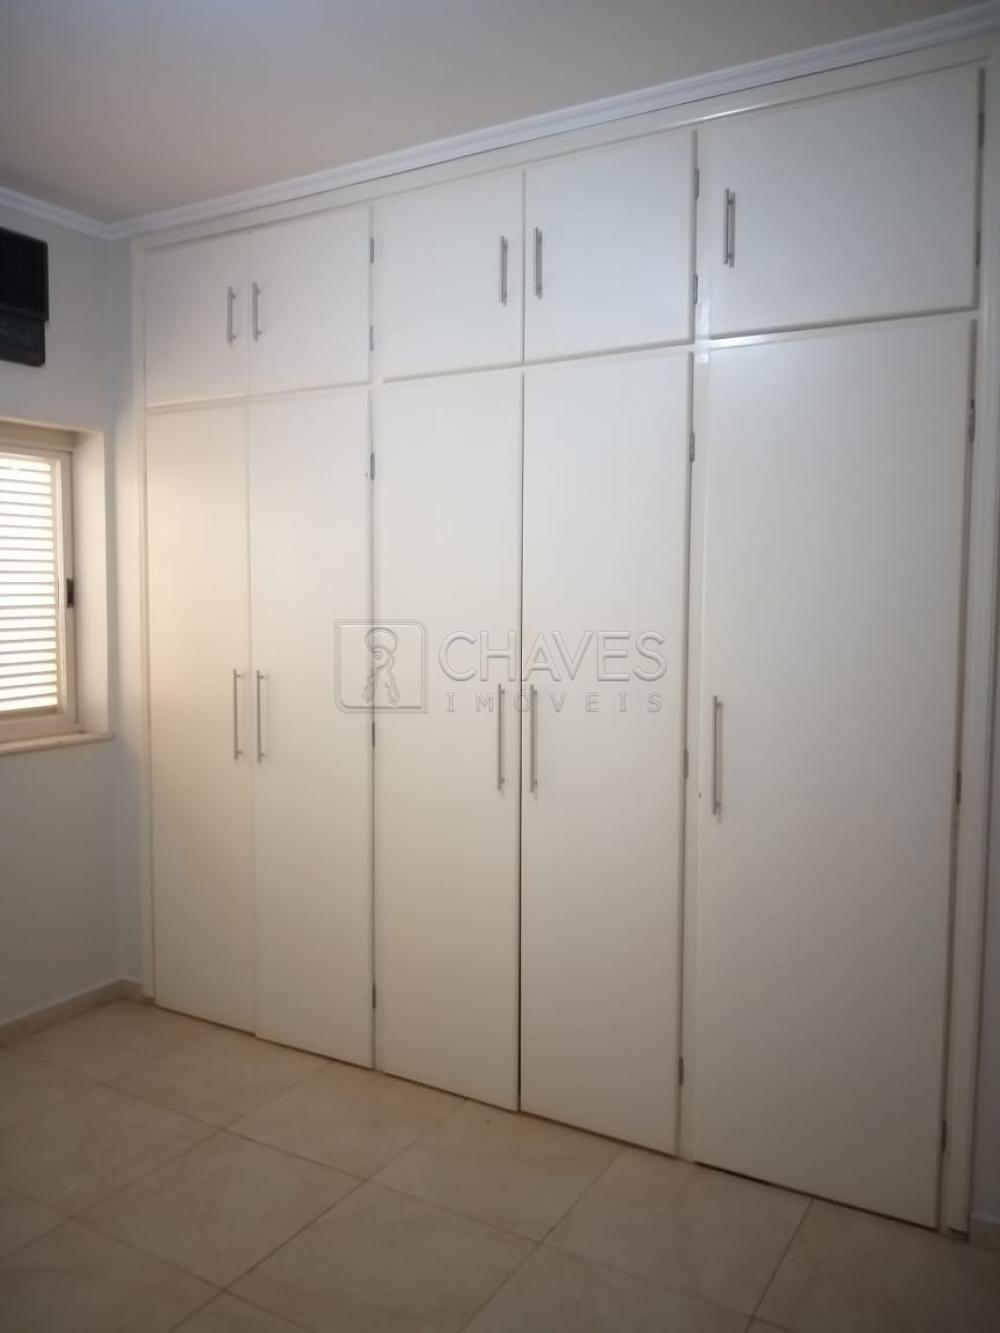 Alugar Casa / Condomínio em Ribeirão Preto R$ 3.300,00 - Foto 13